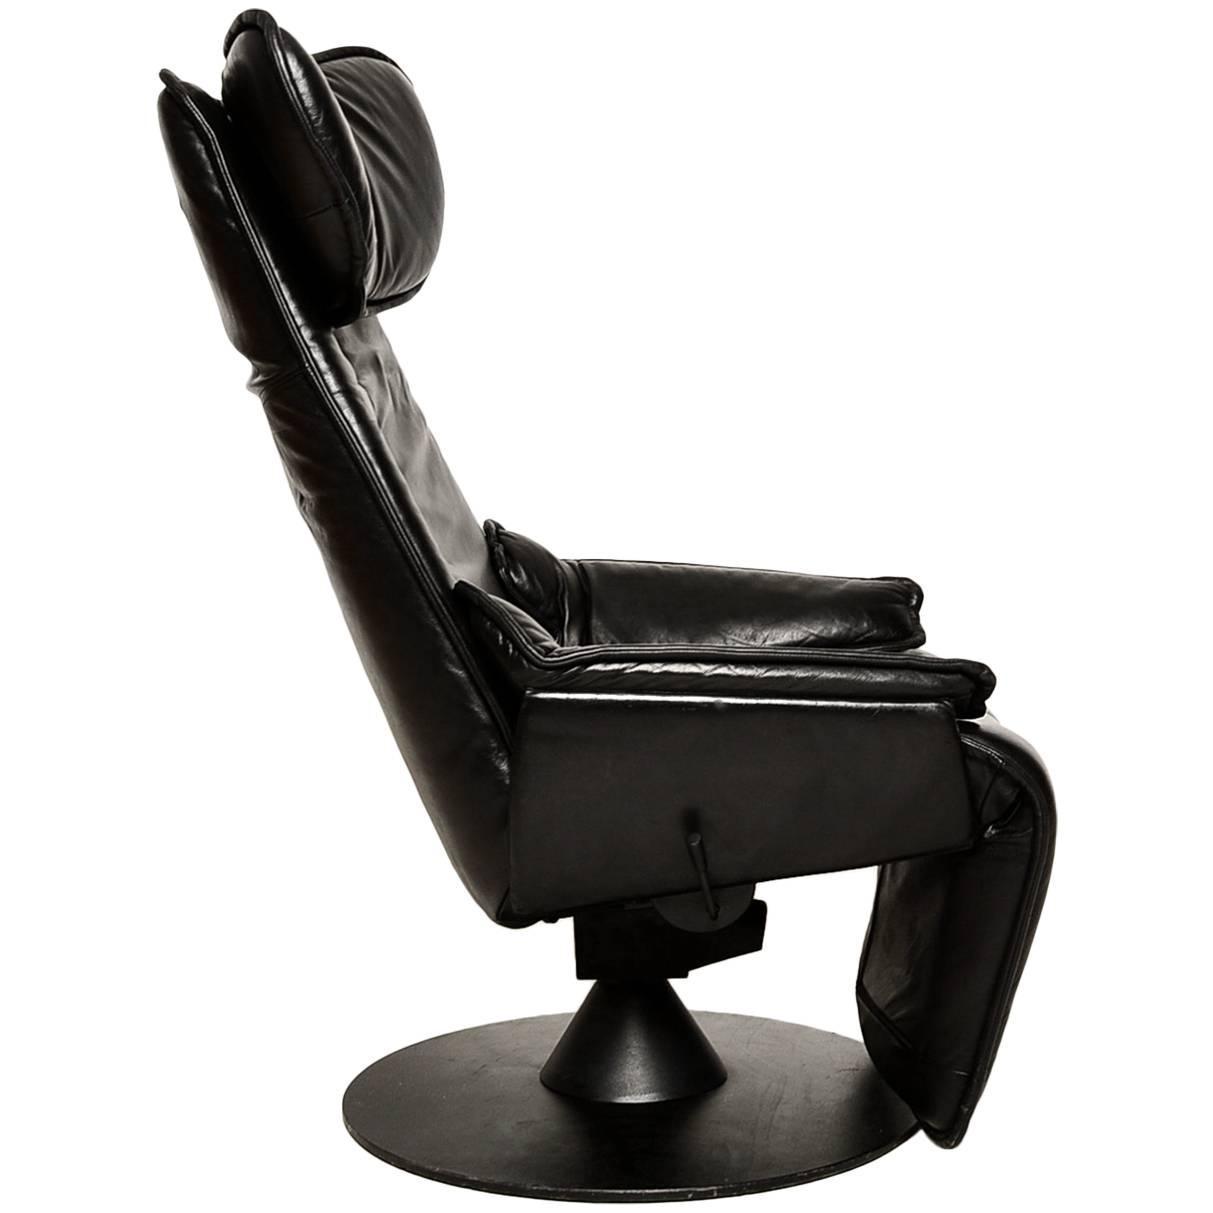 gravity chair sale black eames replica contura zero recliner by modi hjellegjerde